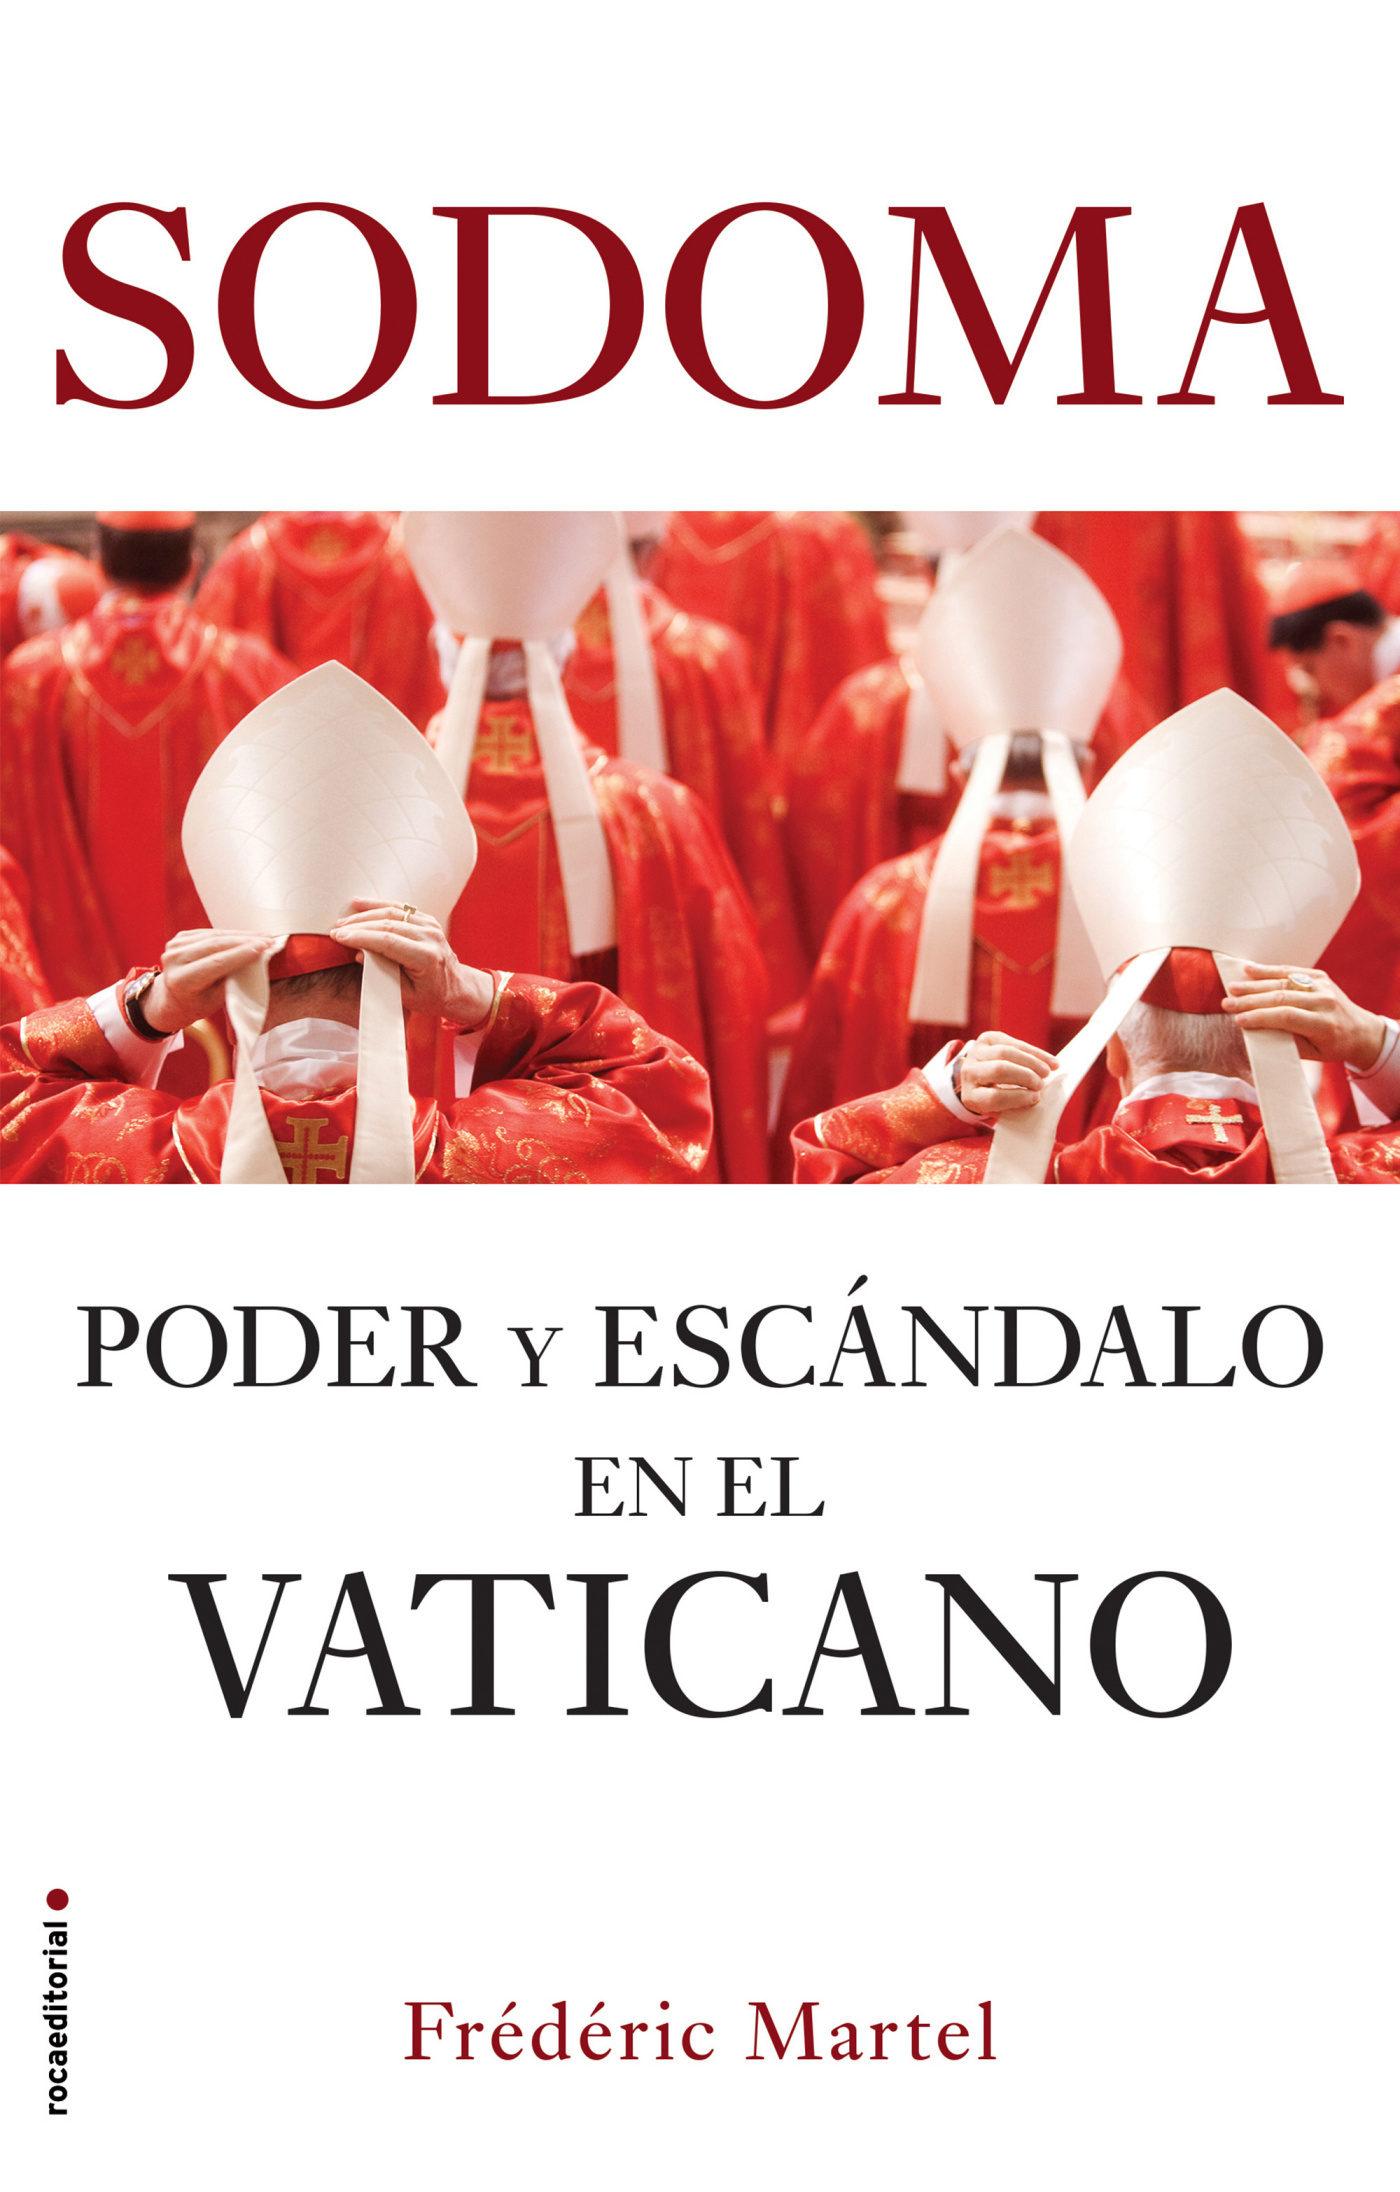 sodoma: poder y escandalo en el vaticano-frederic martel-9788417541767